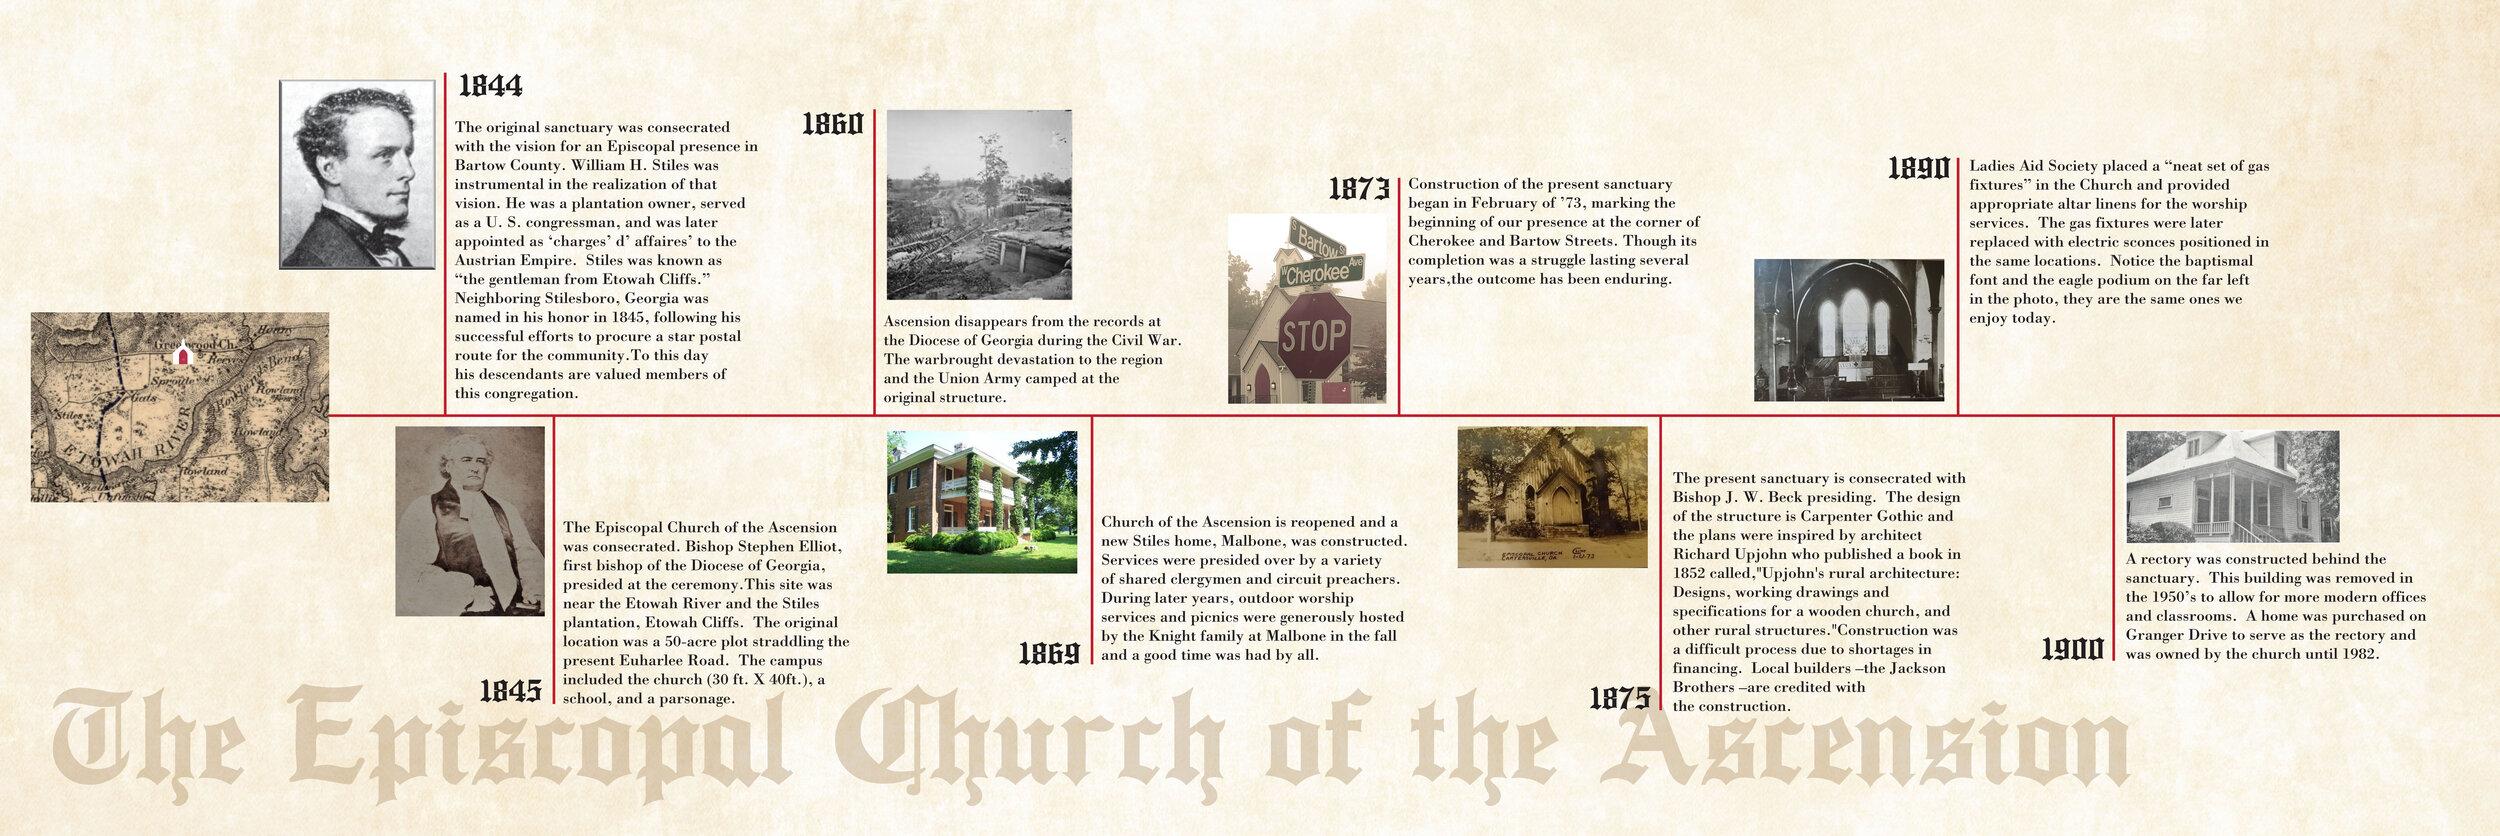 churchtimelineNEW-1.jpg